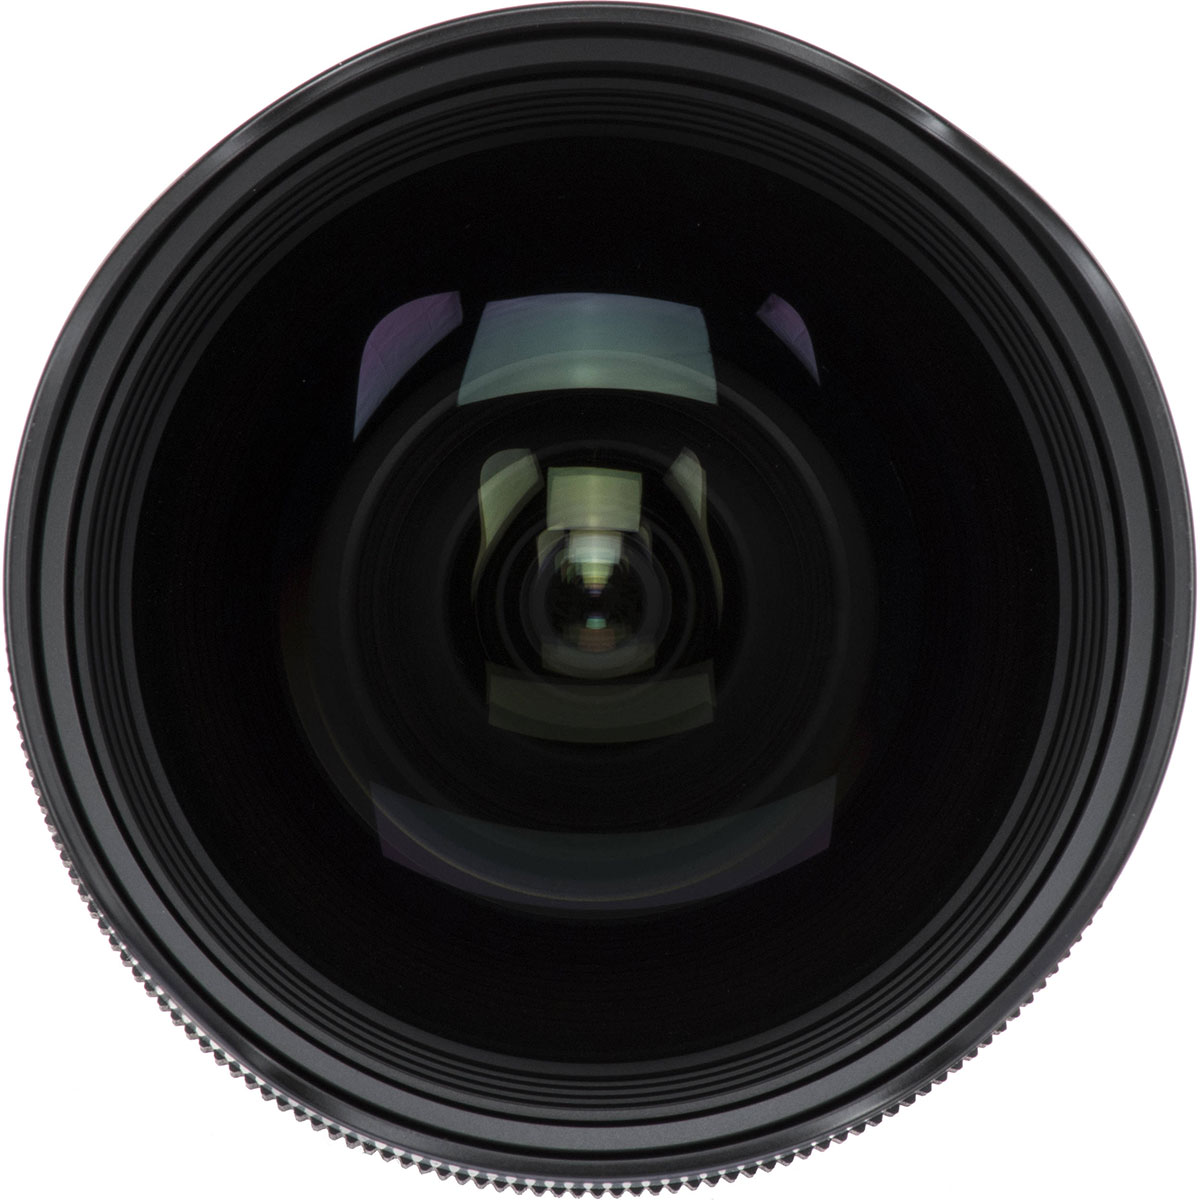 لنز سیگما 24-14 میلیمتر مدل f/2.8 مناسب برای دوربین کانن